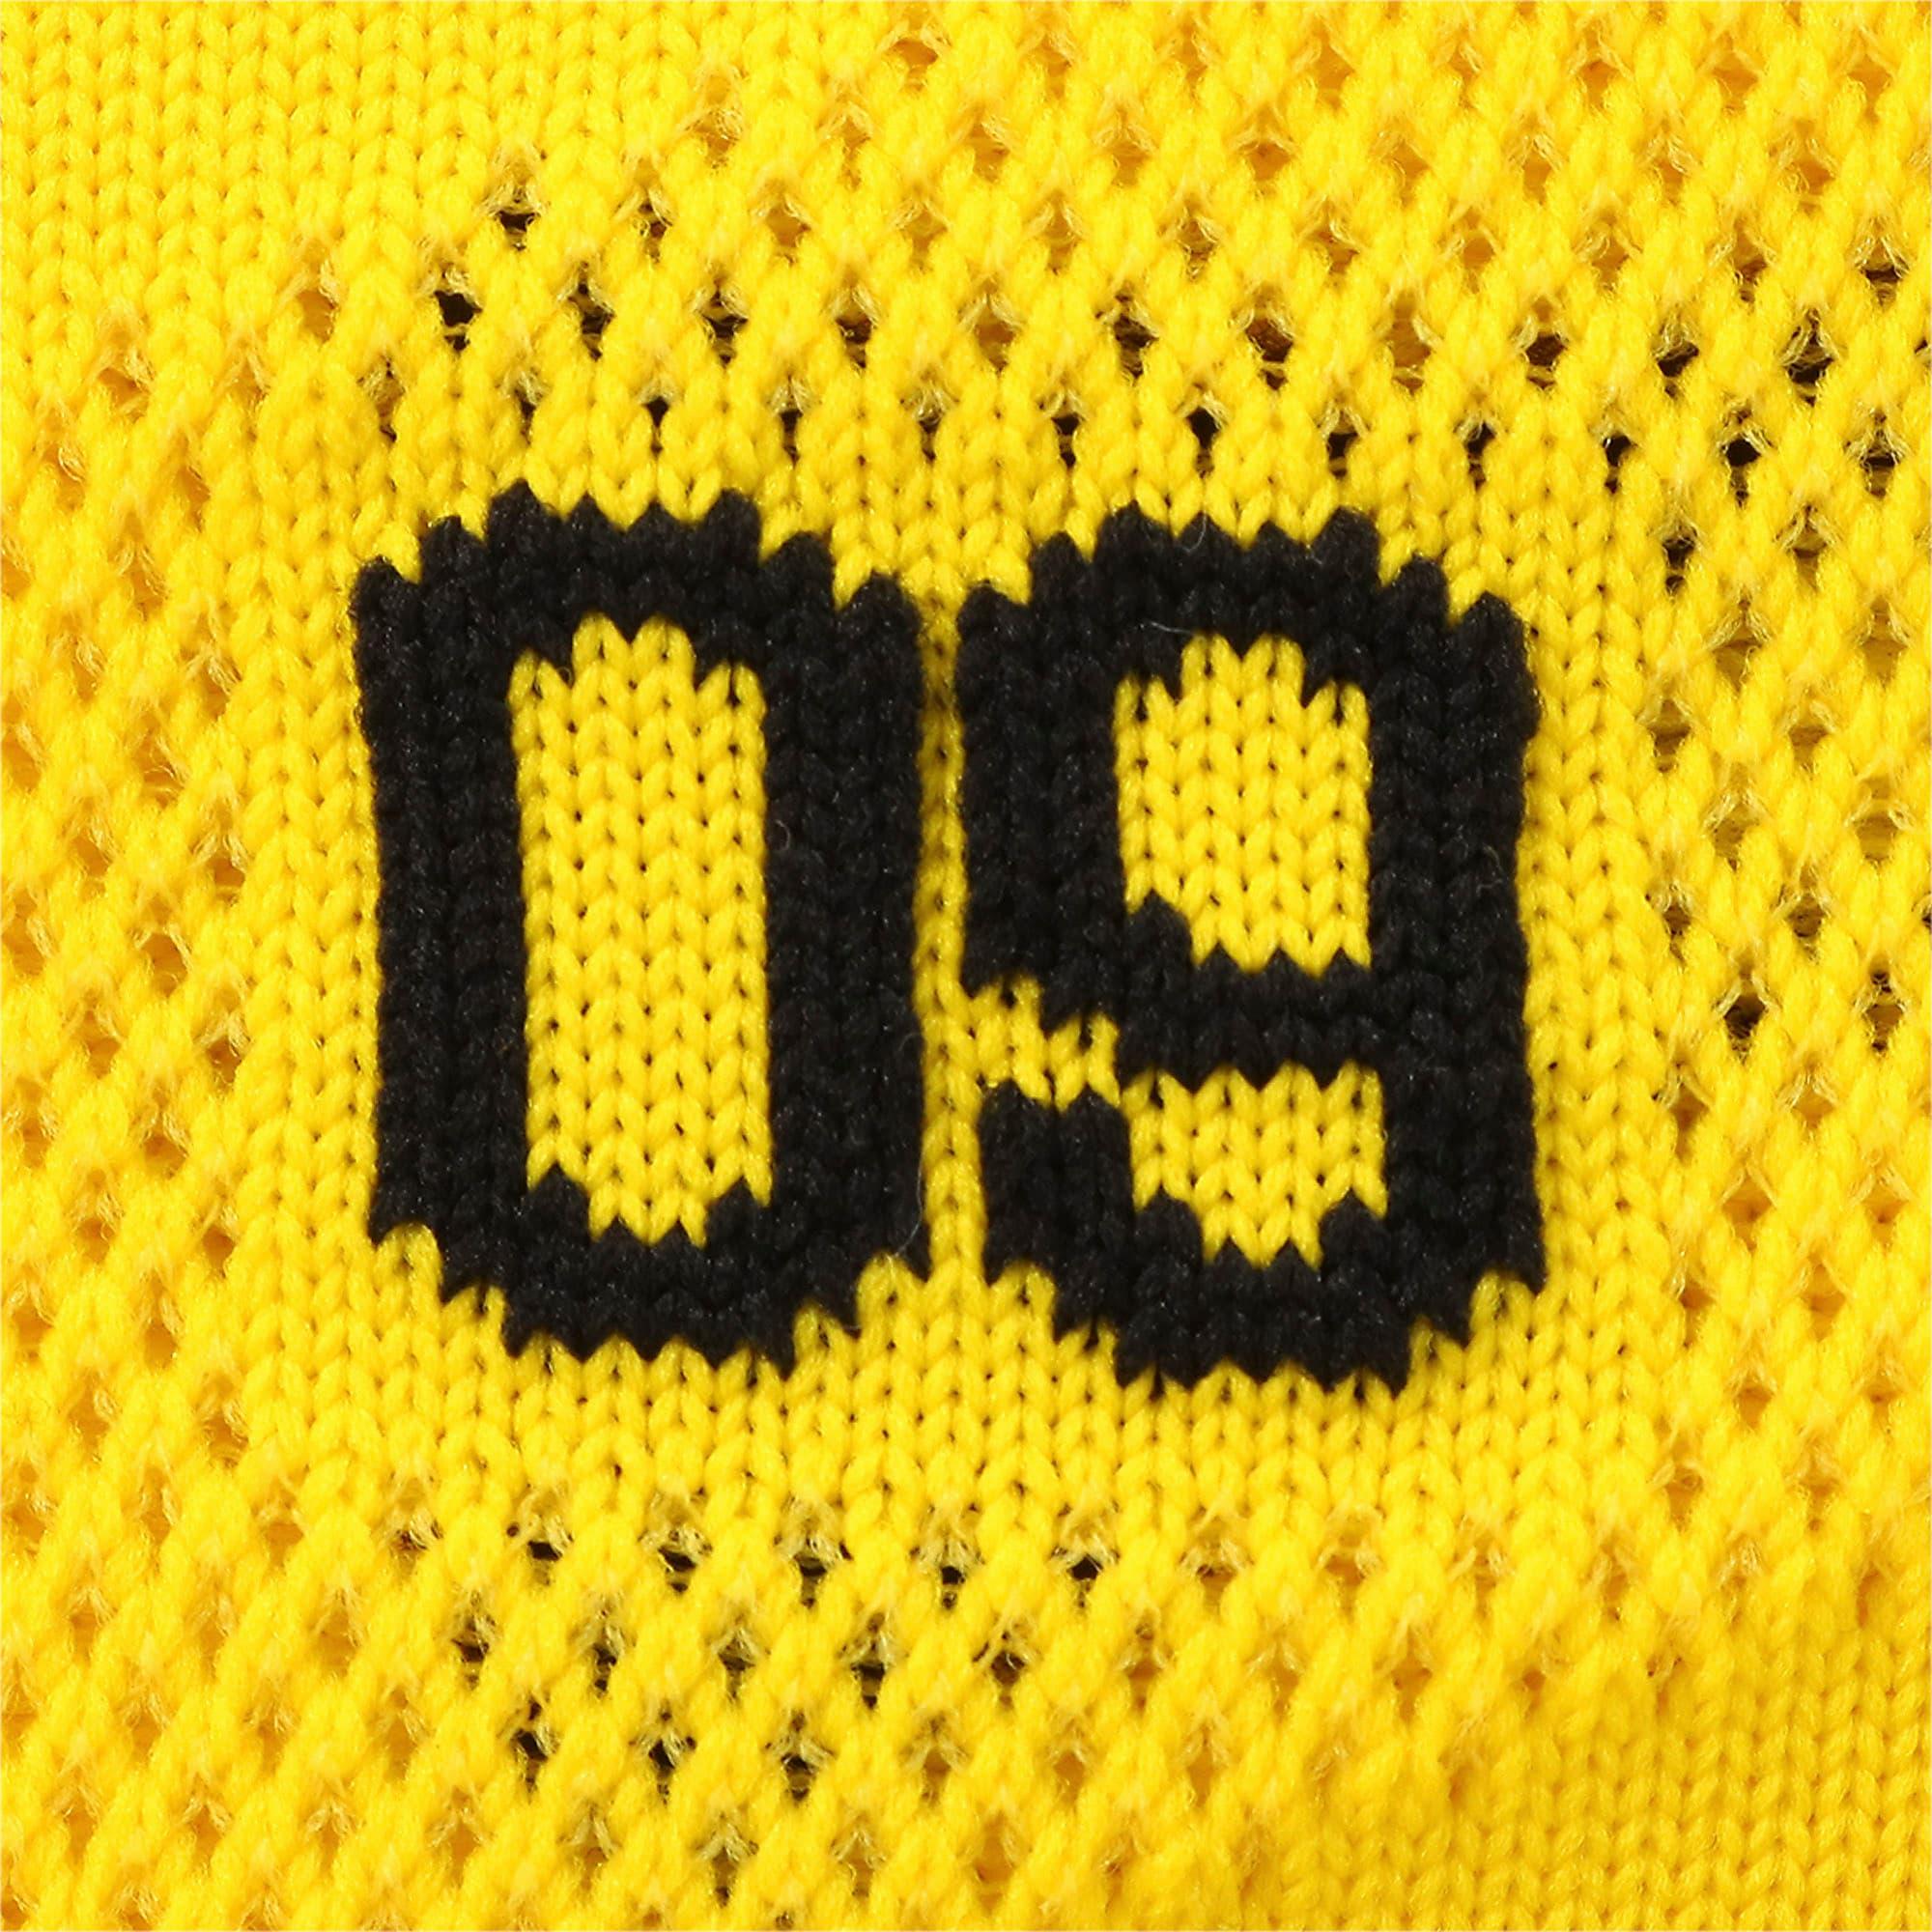 Thumbnail 7 of ドルトムント BVB スパイラル ストッキング, Cyber Yellow-Puma Black, medium-JPN